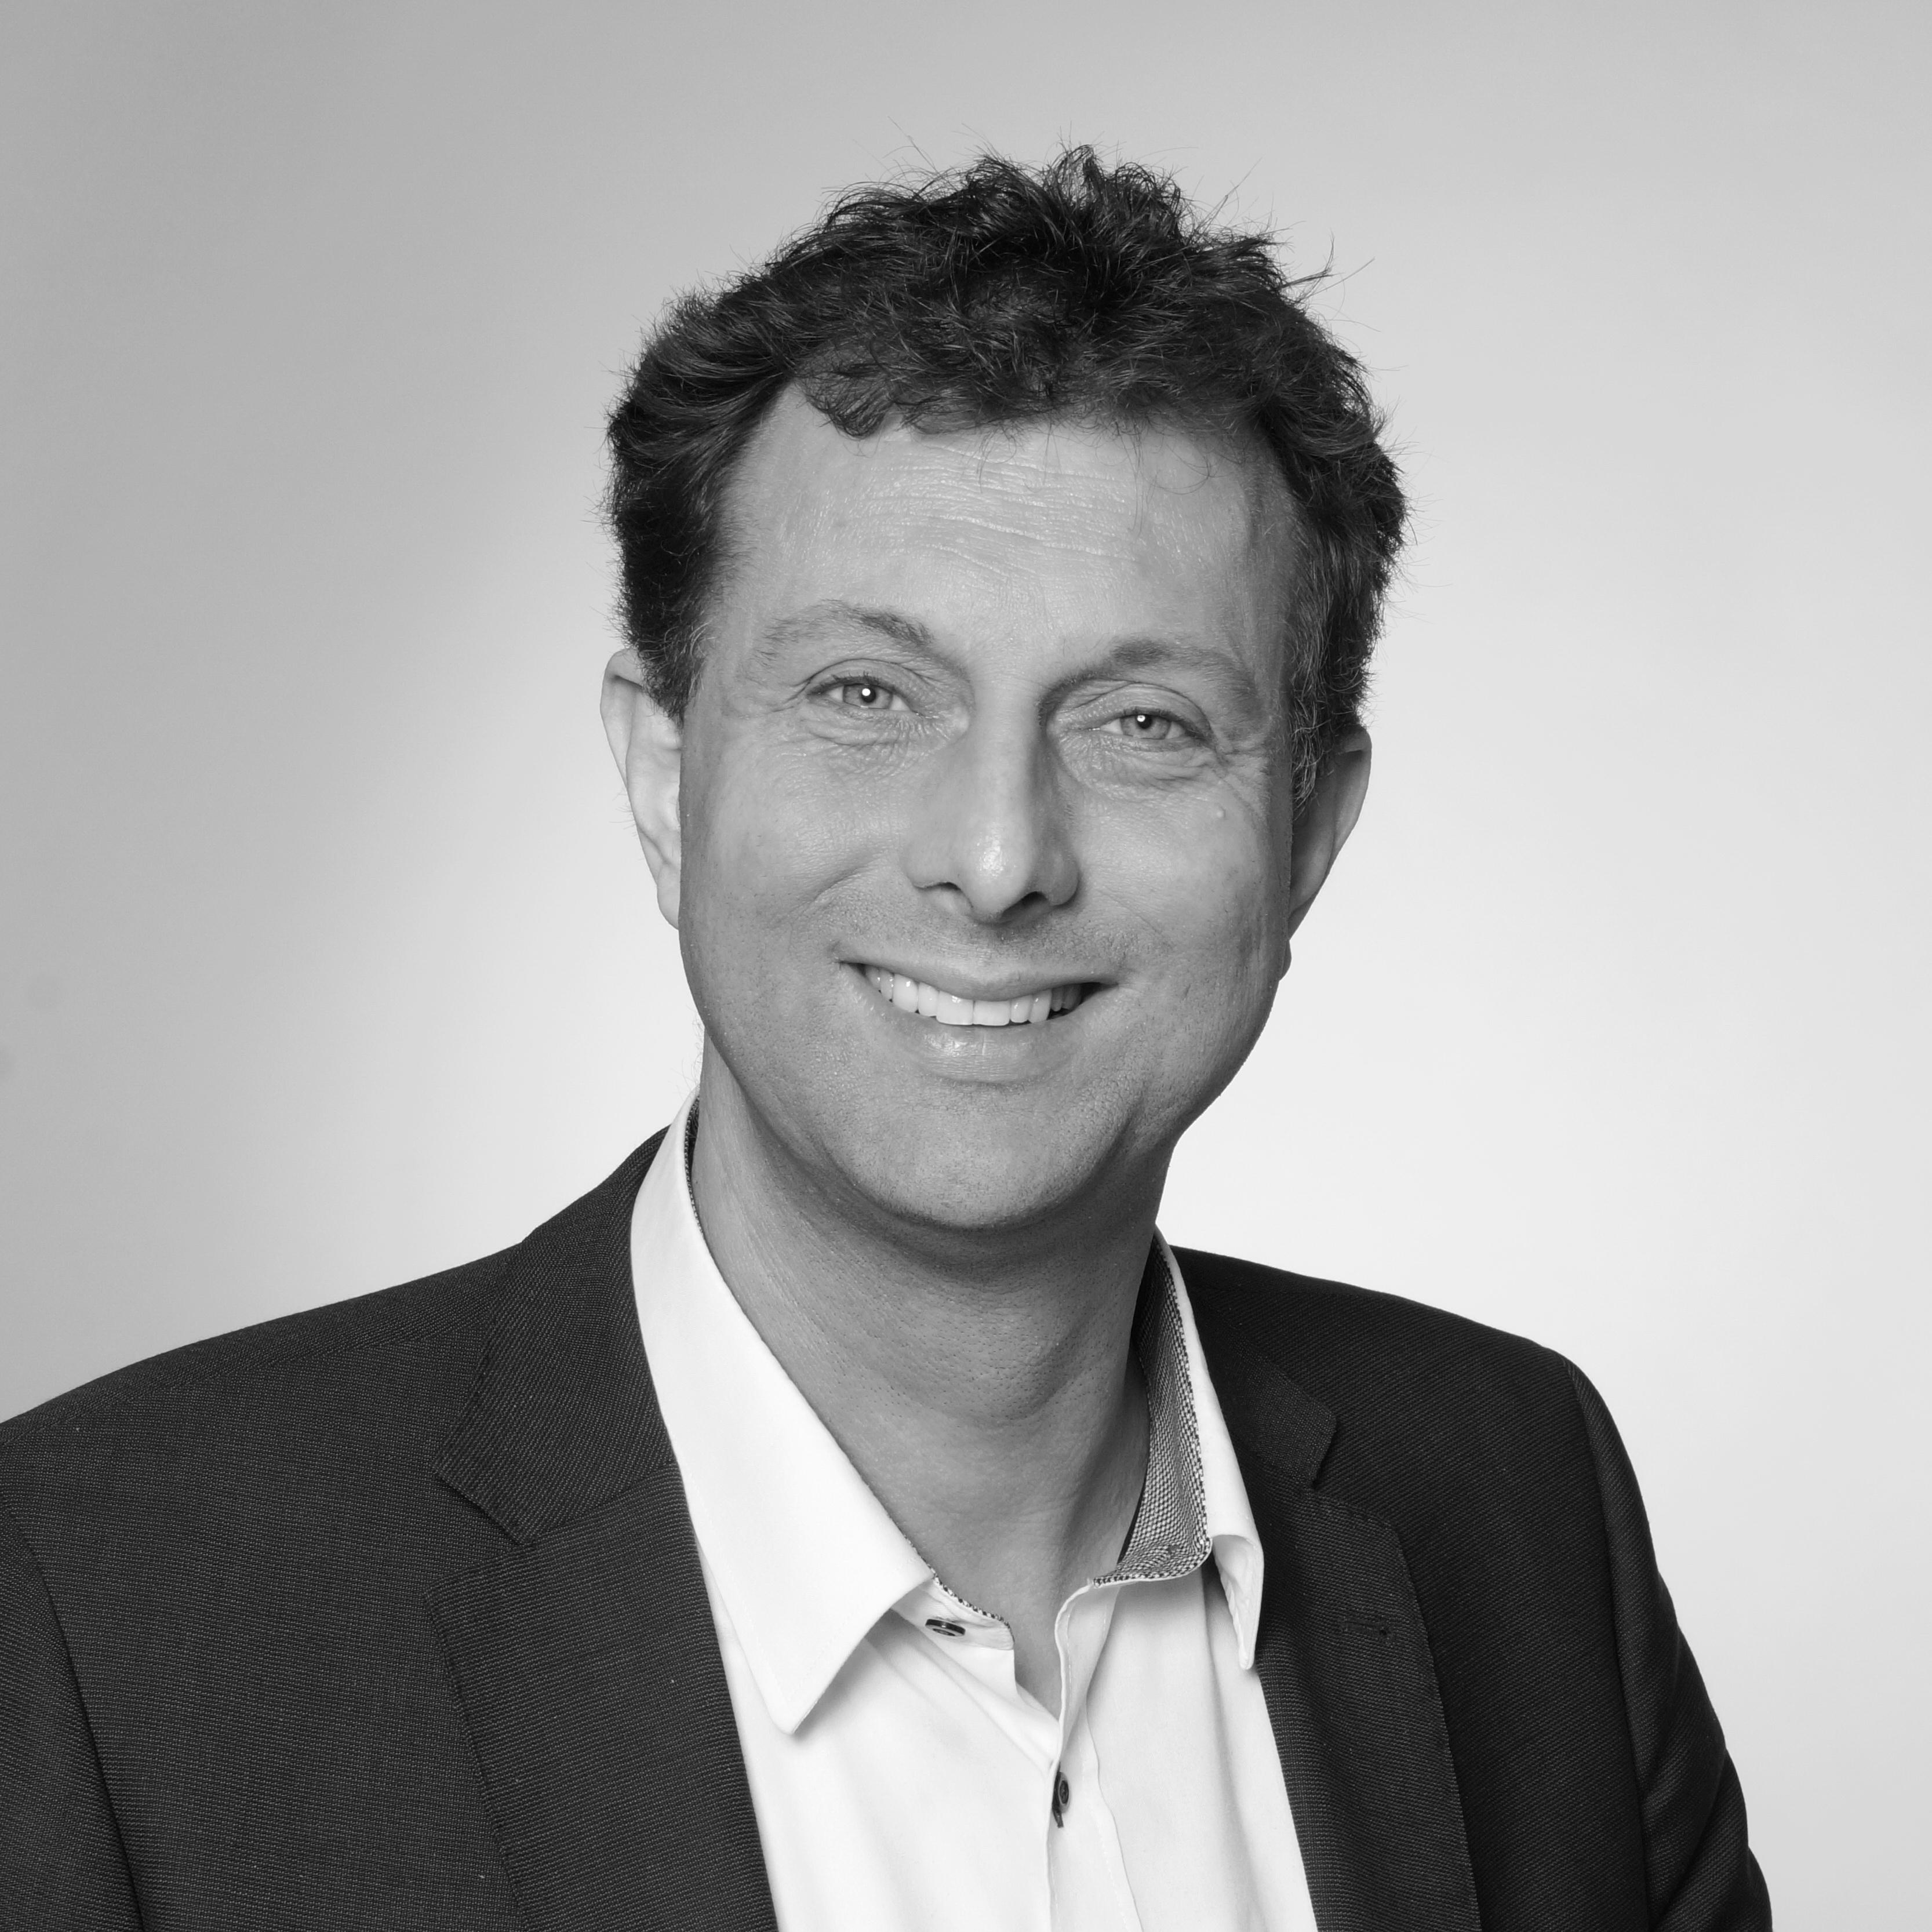 Dr. Stephan Kupferschmid